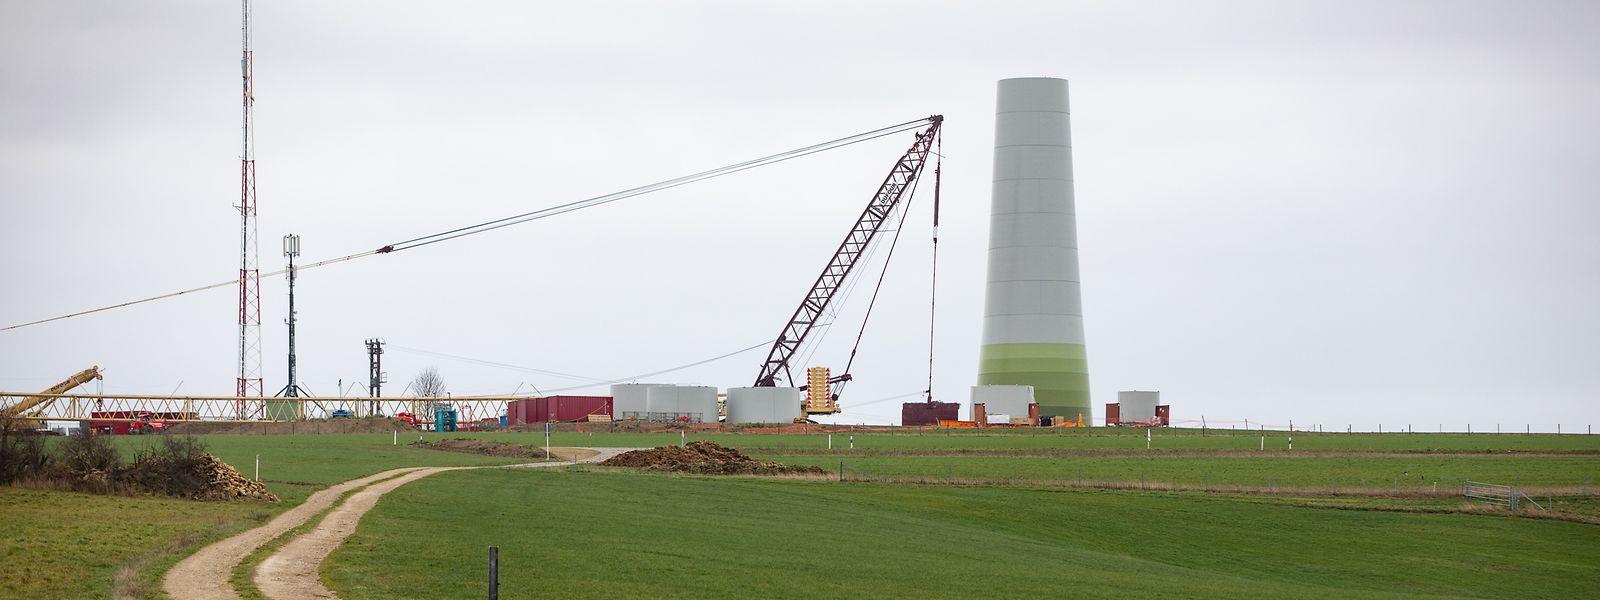 Une fois équipé de son rotor et de ses pales, le mât du Pafebierg, non loin de la frontière germano-luxembourgeoise, culminera à 206 mètres. Son montage doit être fini en mai.